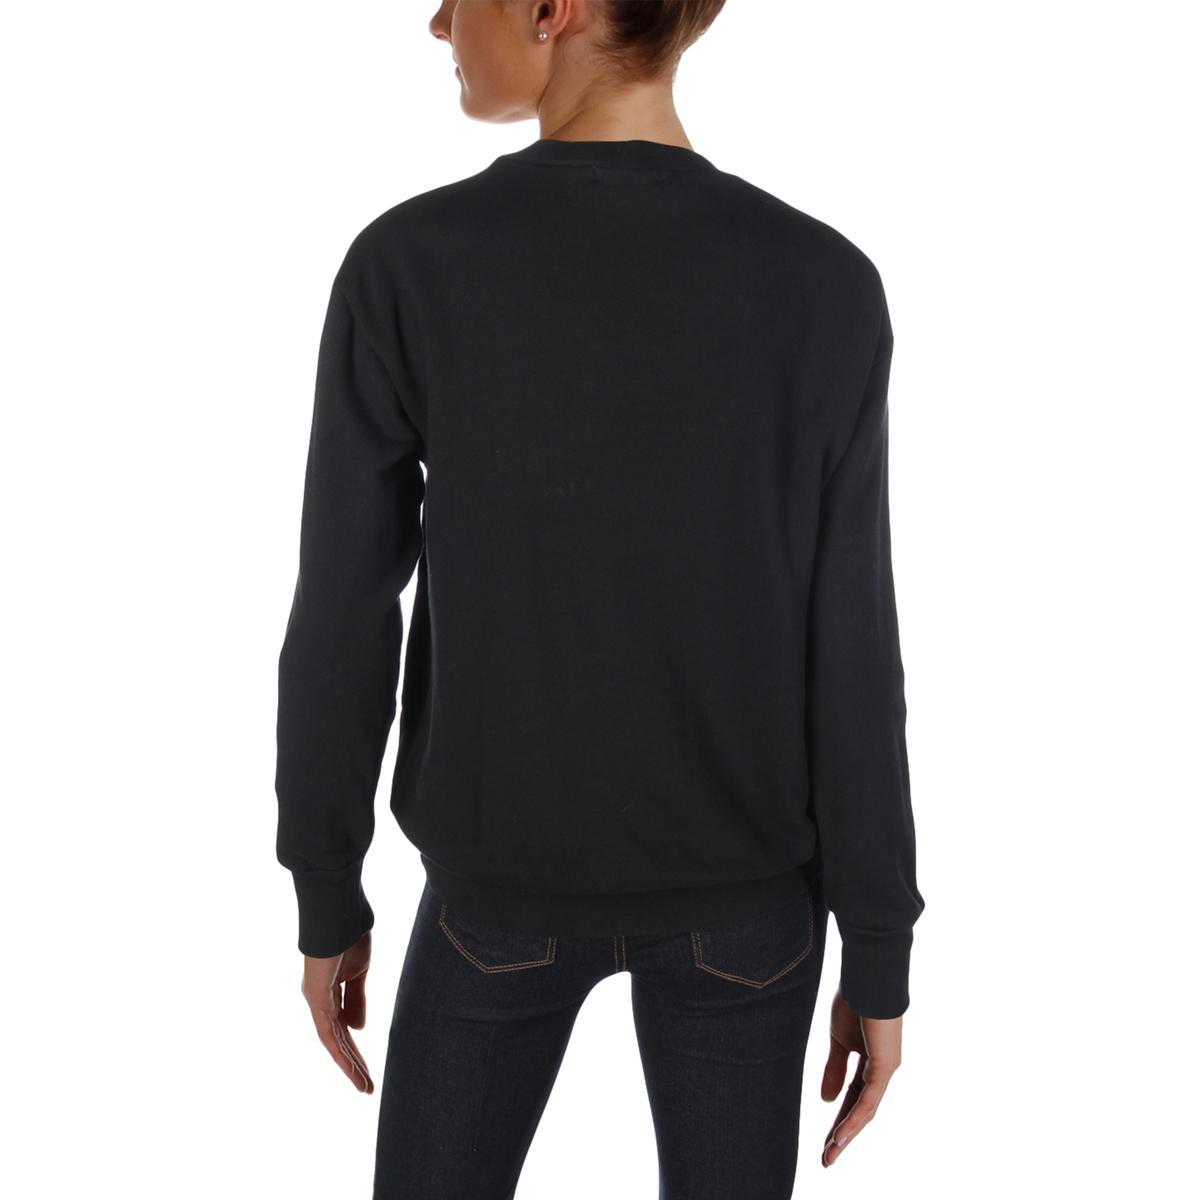 top bhfo sudadera mujer Lna para distressed ropa 1231 shirt casual choker XwHXPz0pxq